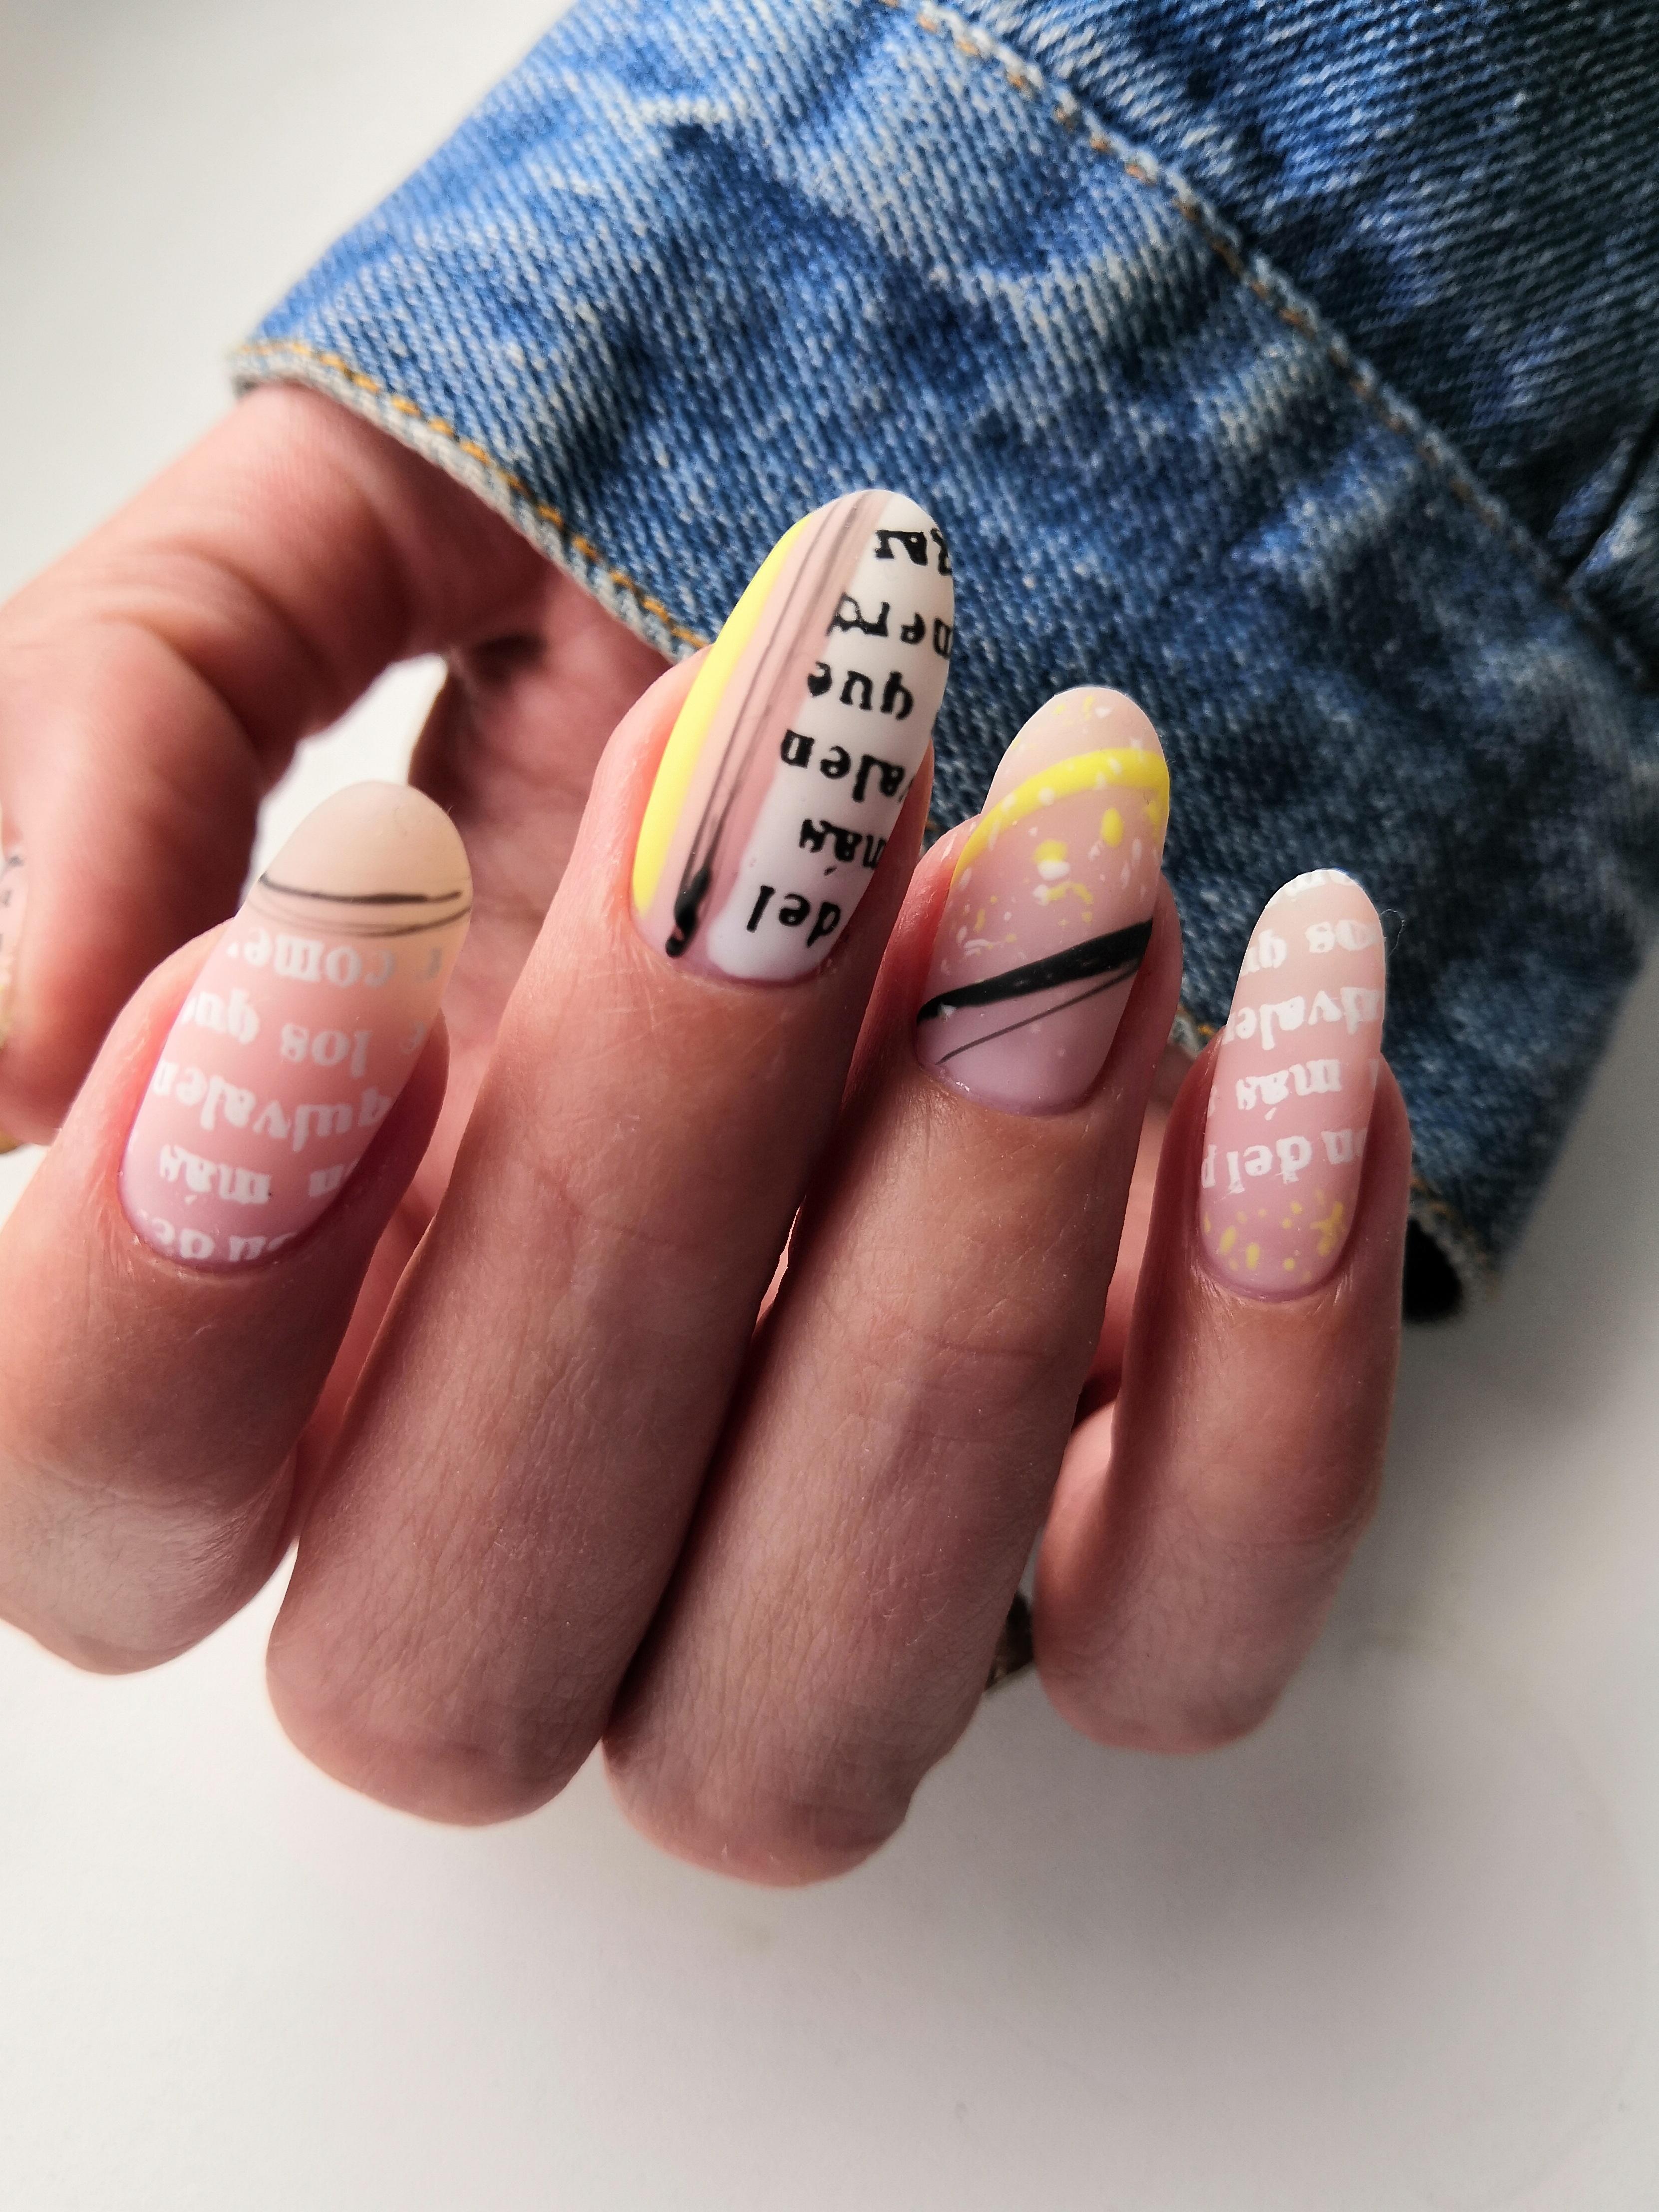 Матовый маникюр с абстрактным рисунком и надписями на длинные ногти.